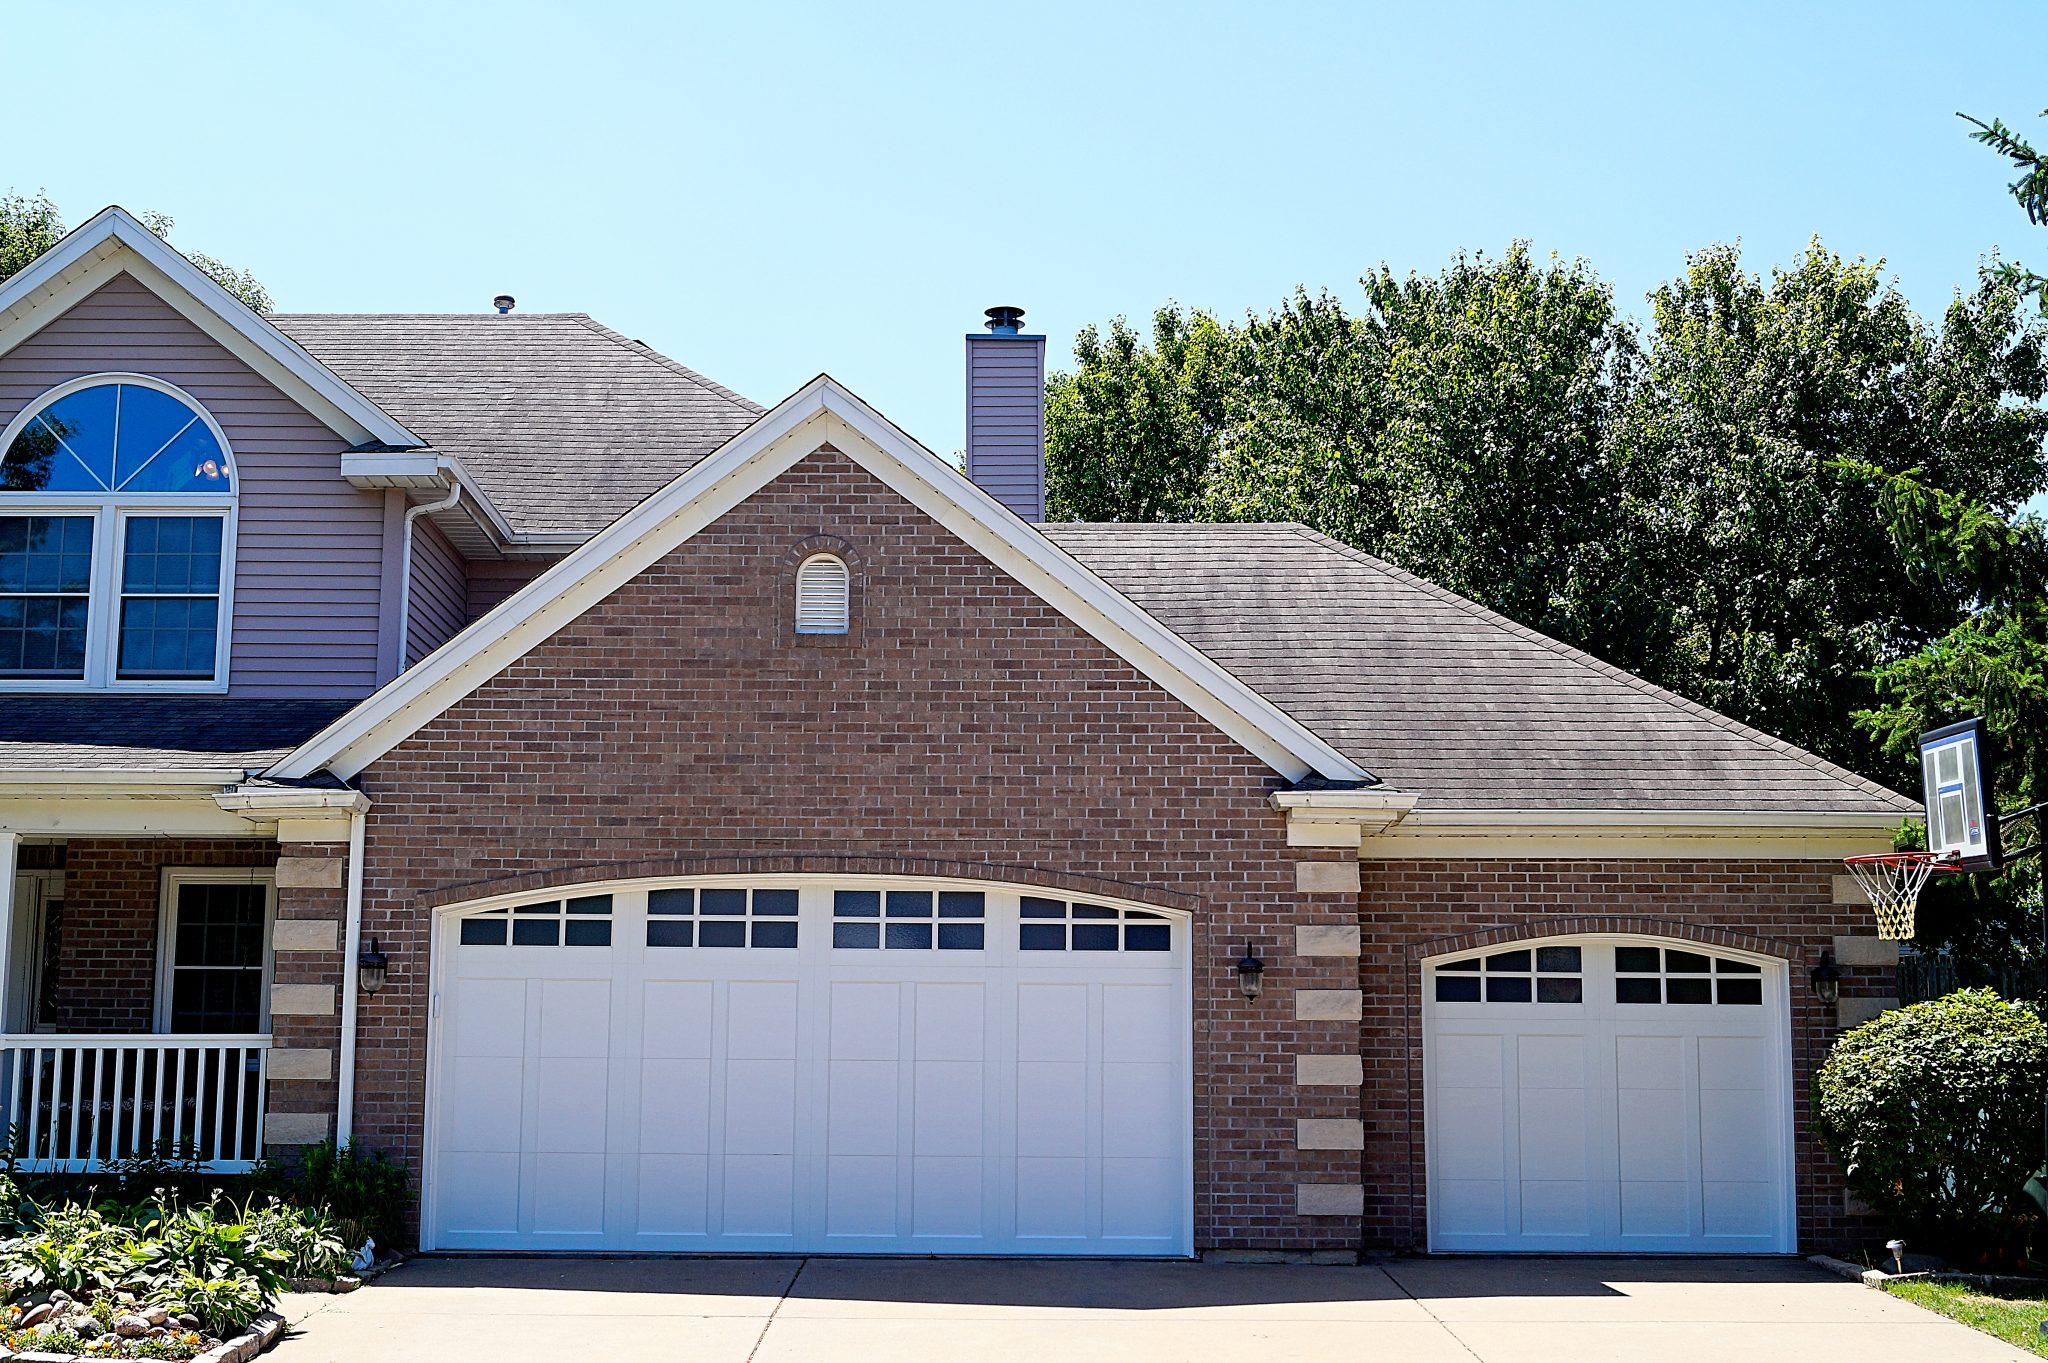 Residential Garage Doors Barron Equipment Amp Overhead Doors